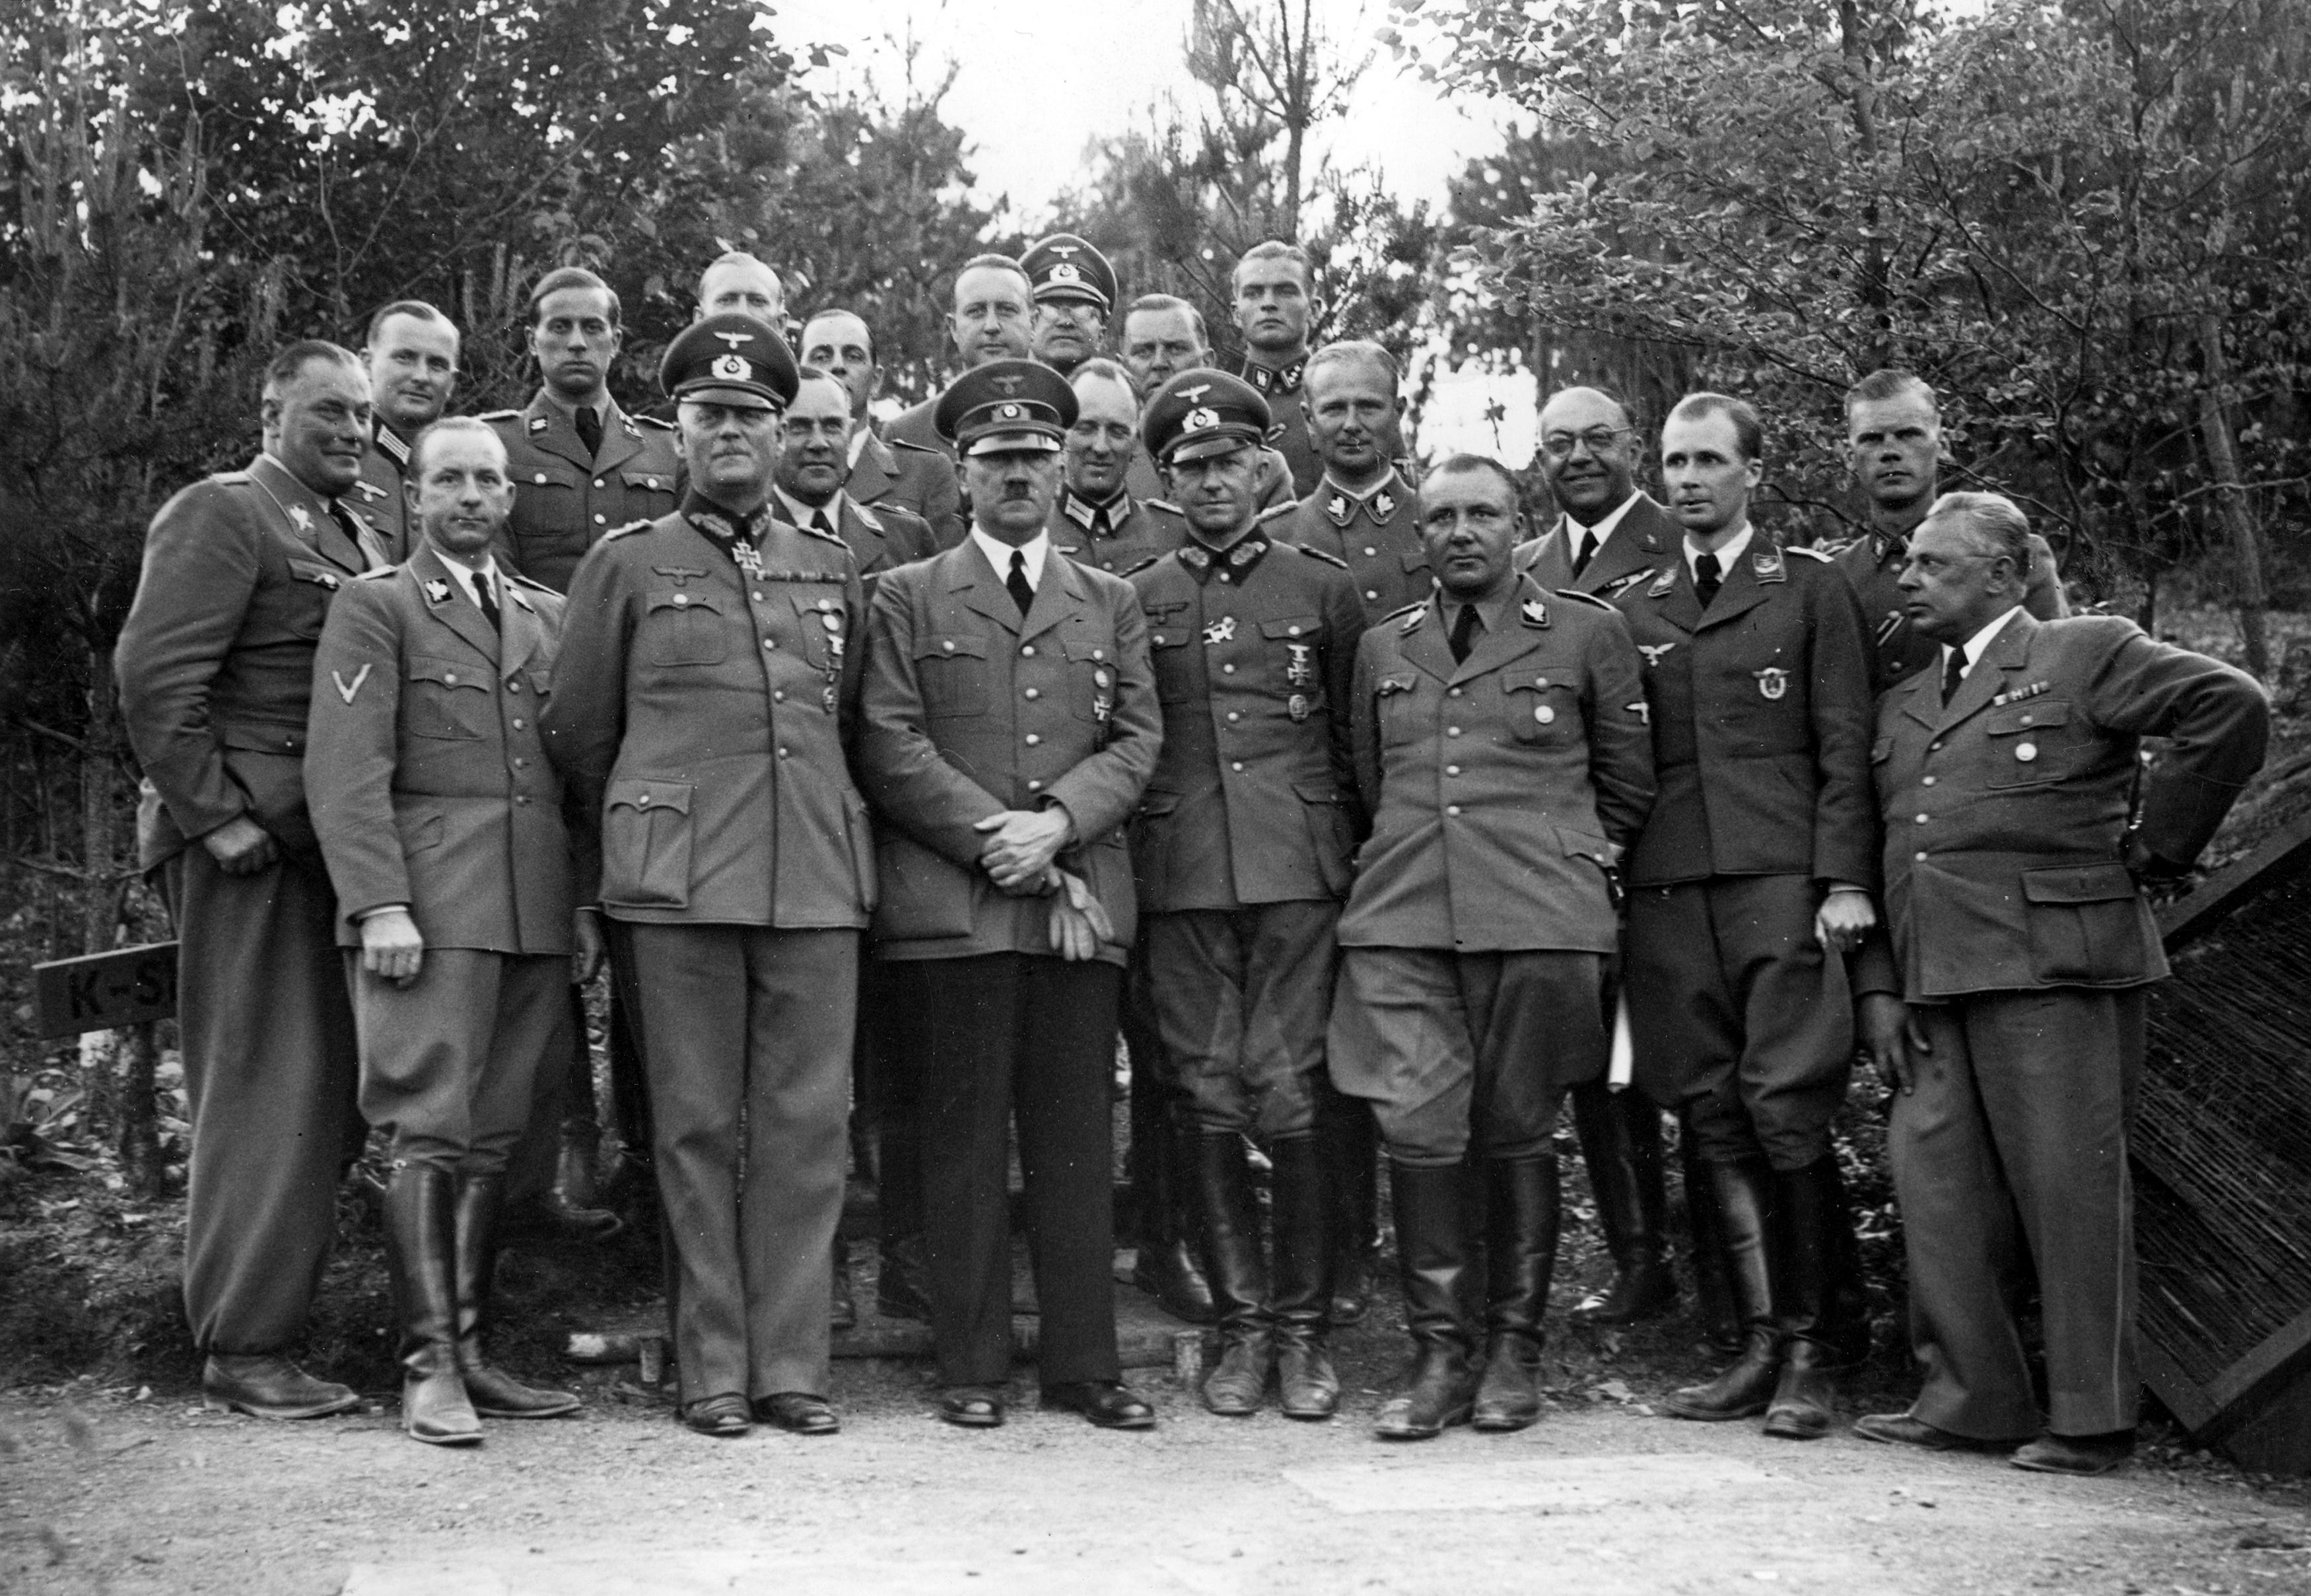 Файл:Bundesarchiv Bild 183-R99057, Führerhauptquartier, Adolf Hitler mit Stab.jpg – Уикипедия